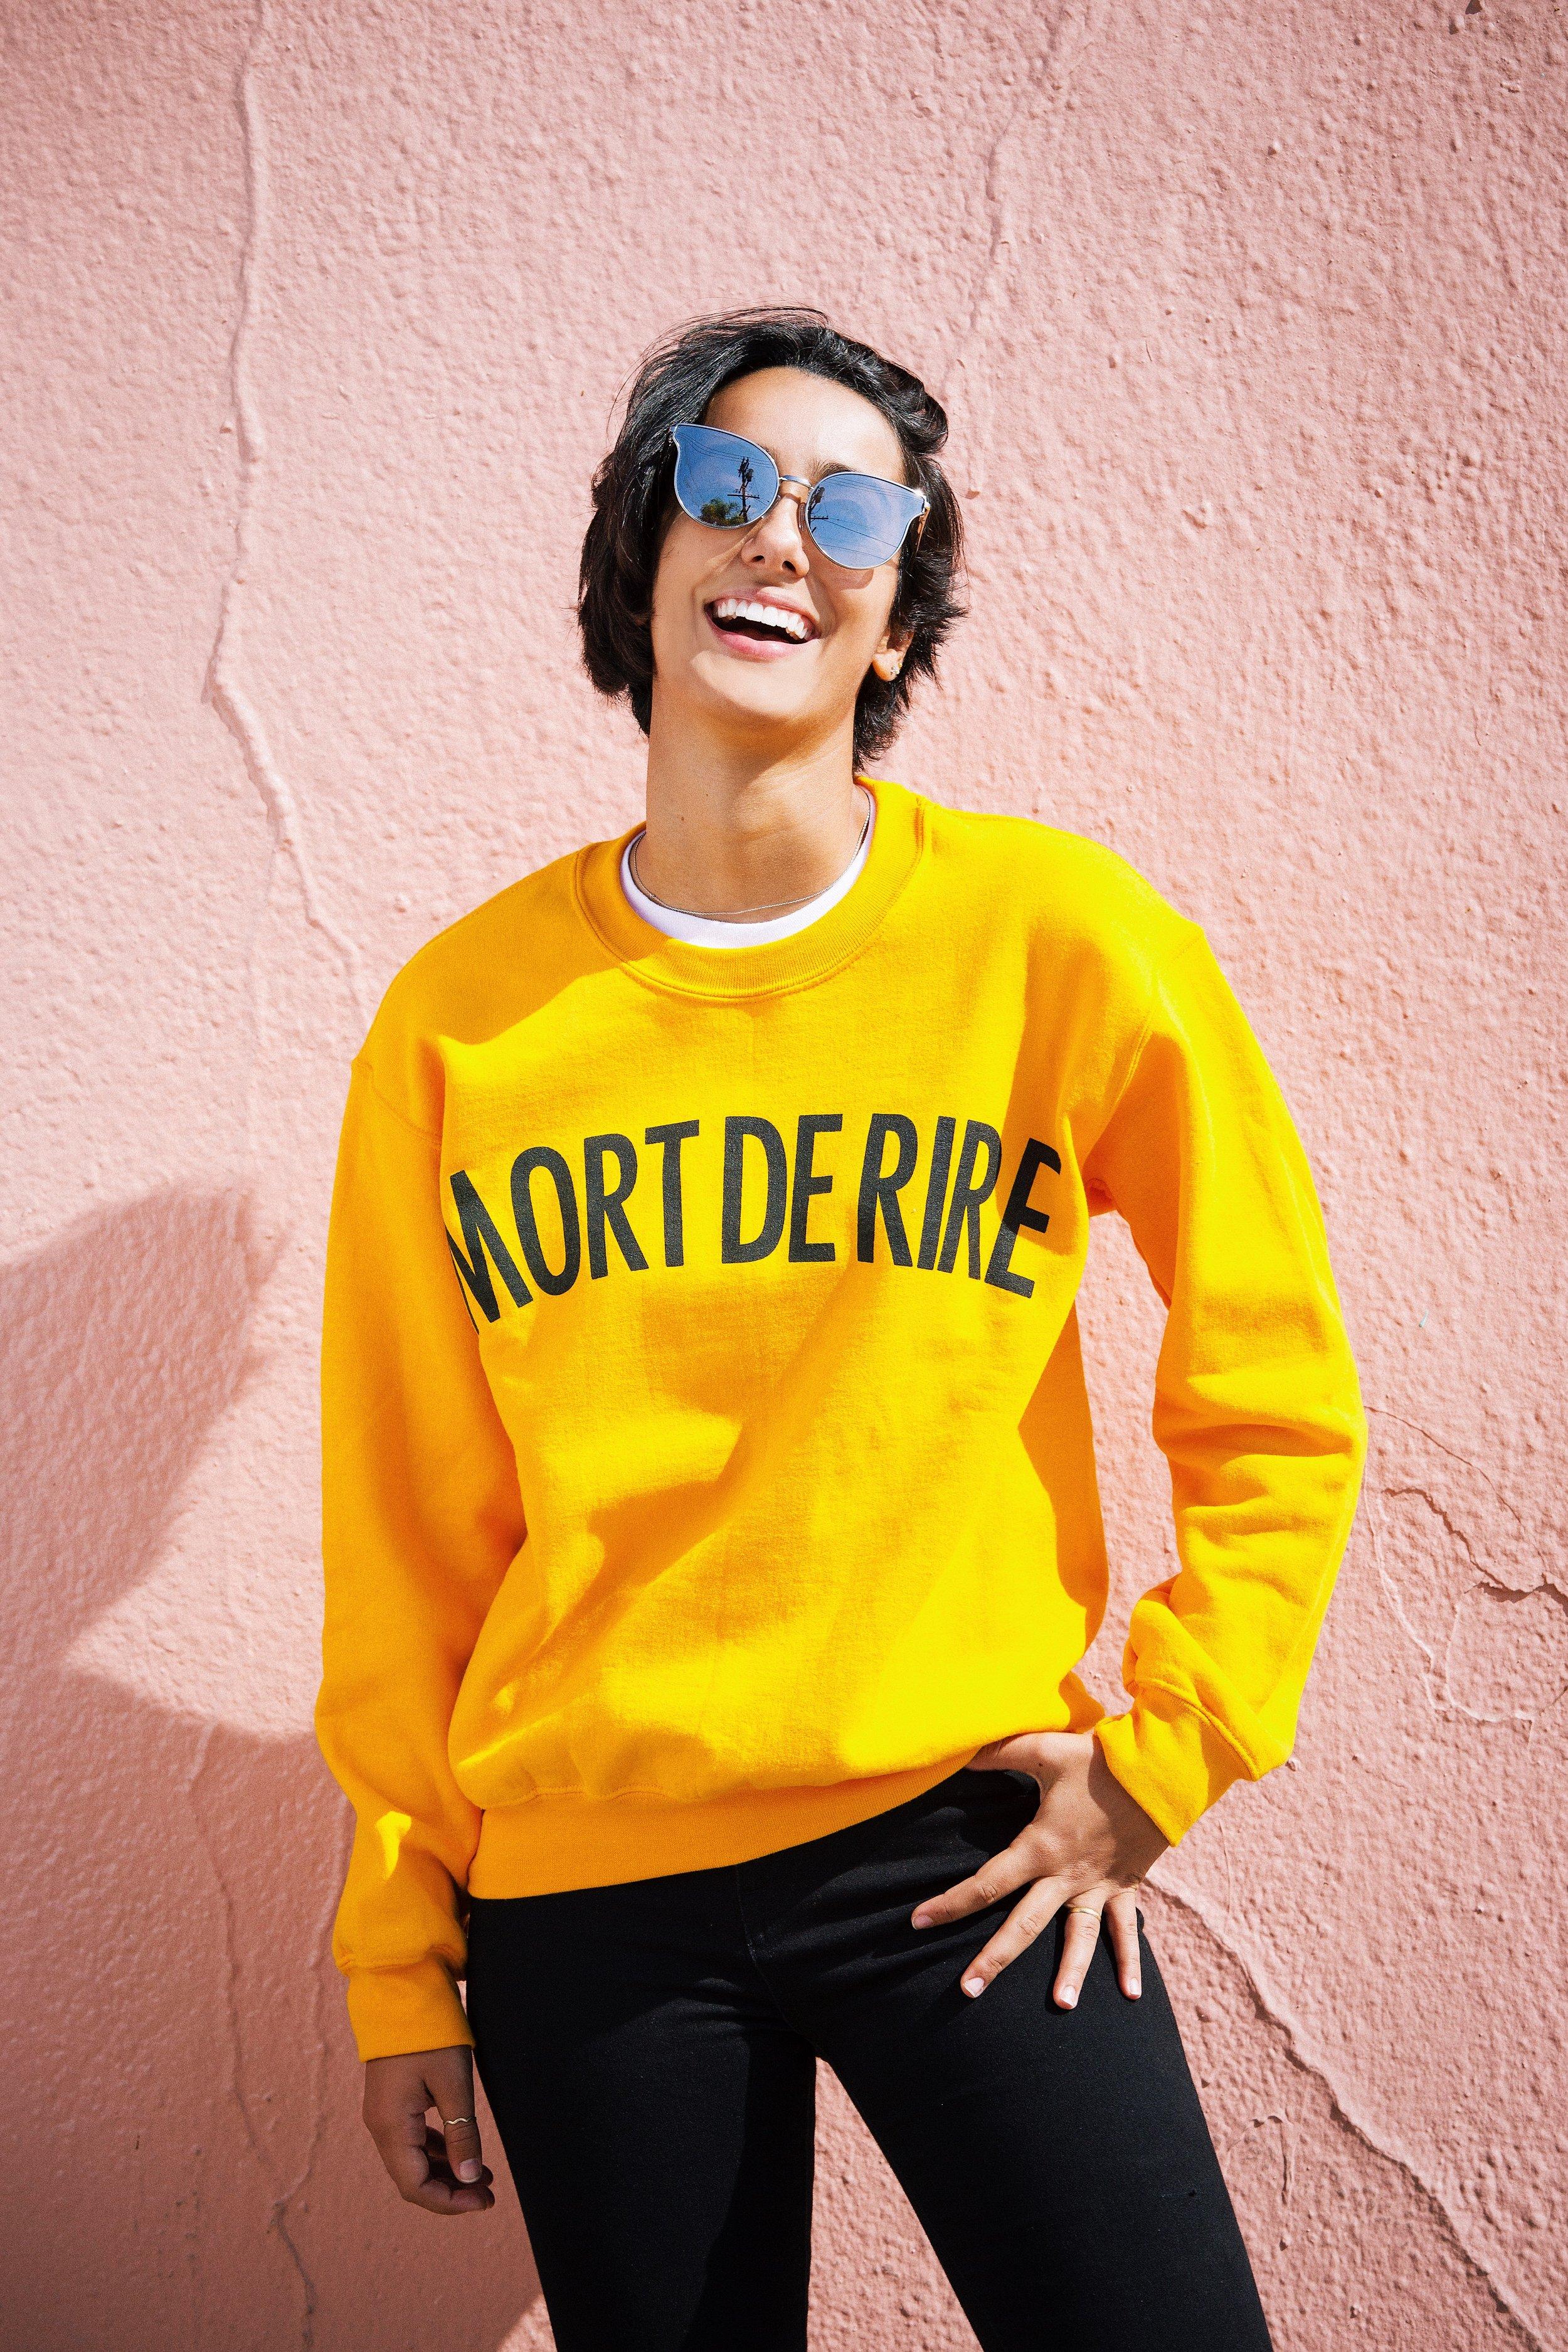 Mort de rire sweatshirt